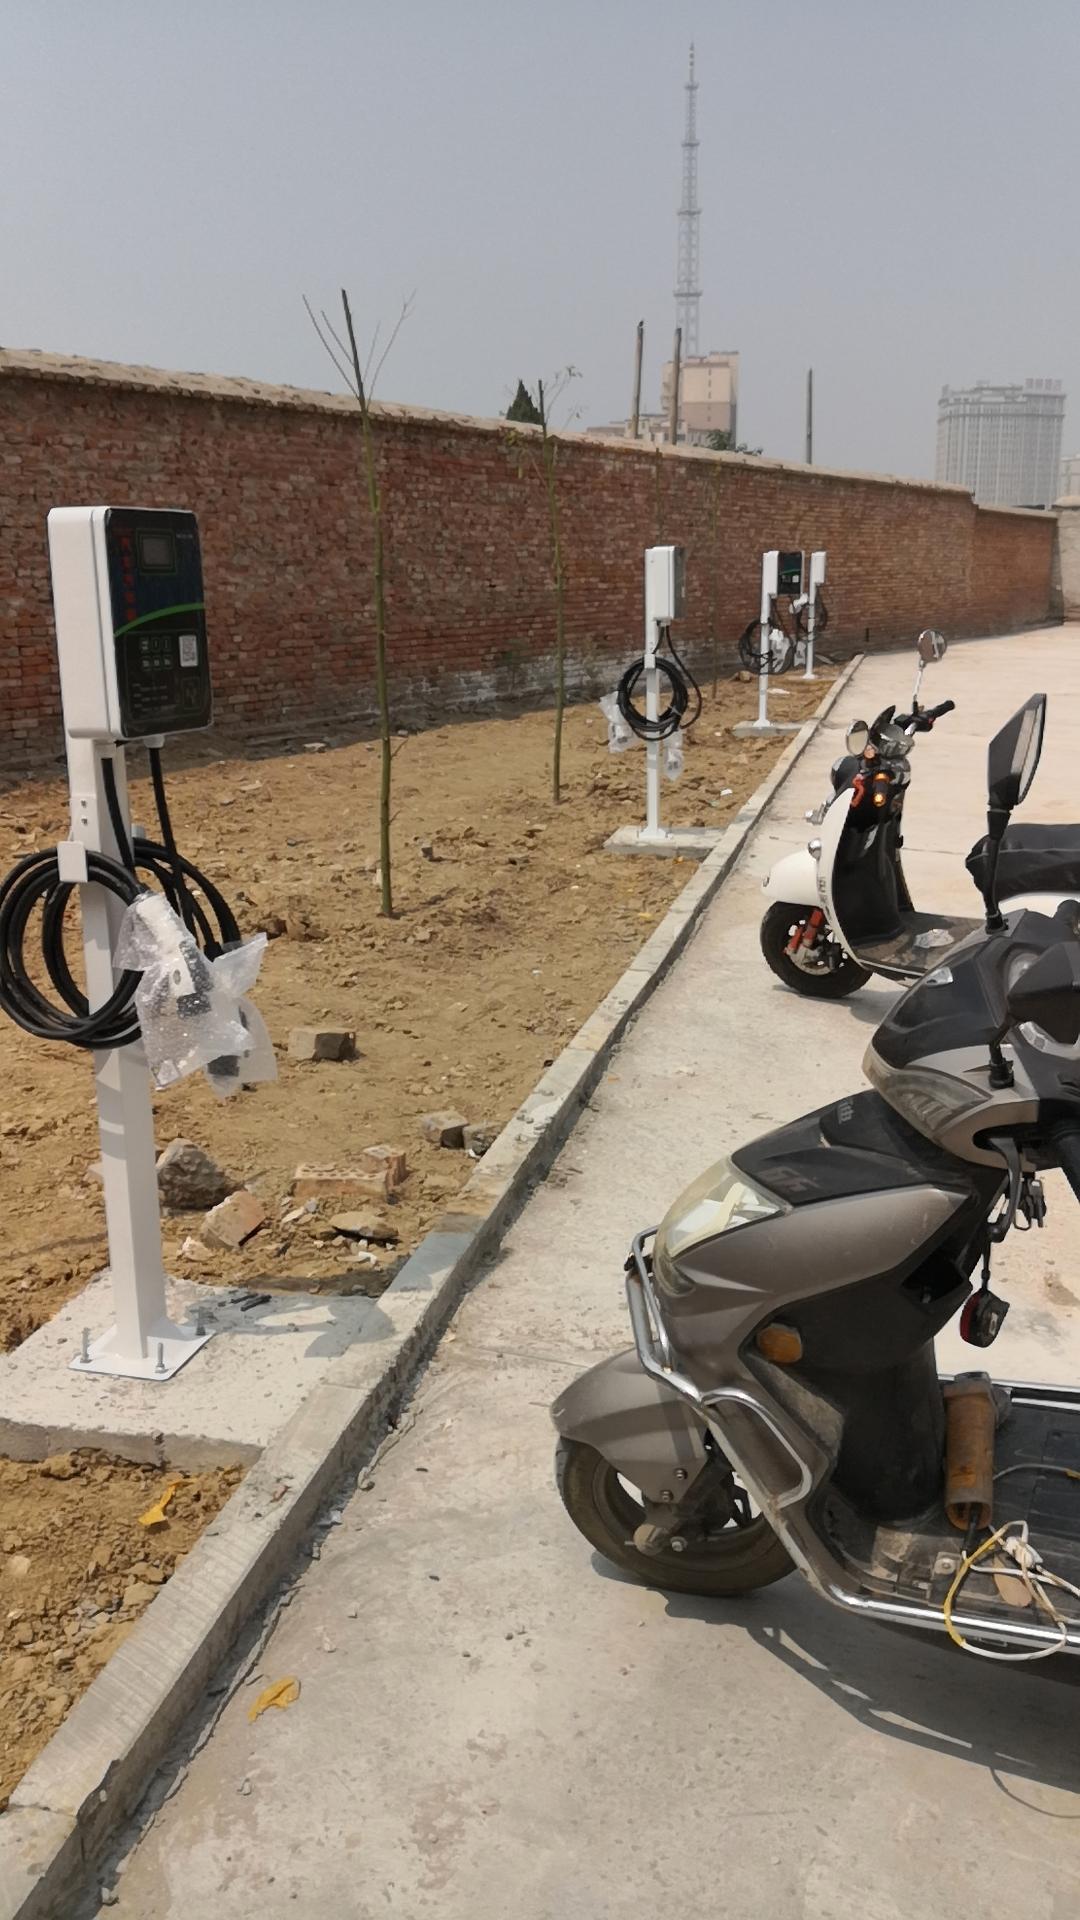 两路双枪新能源汽车充电桩双枪汽车桩,支持两辆新能源汽车同时充电。输出共计14KW,适合所有国标充充电。